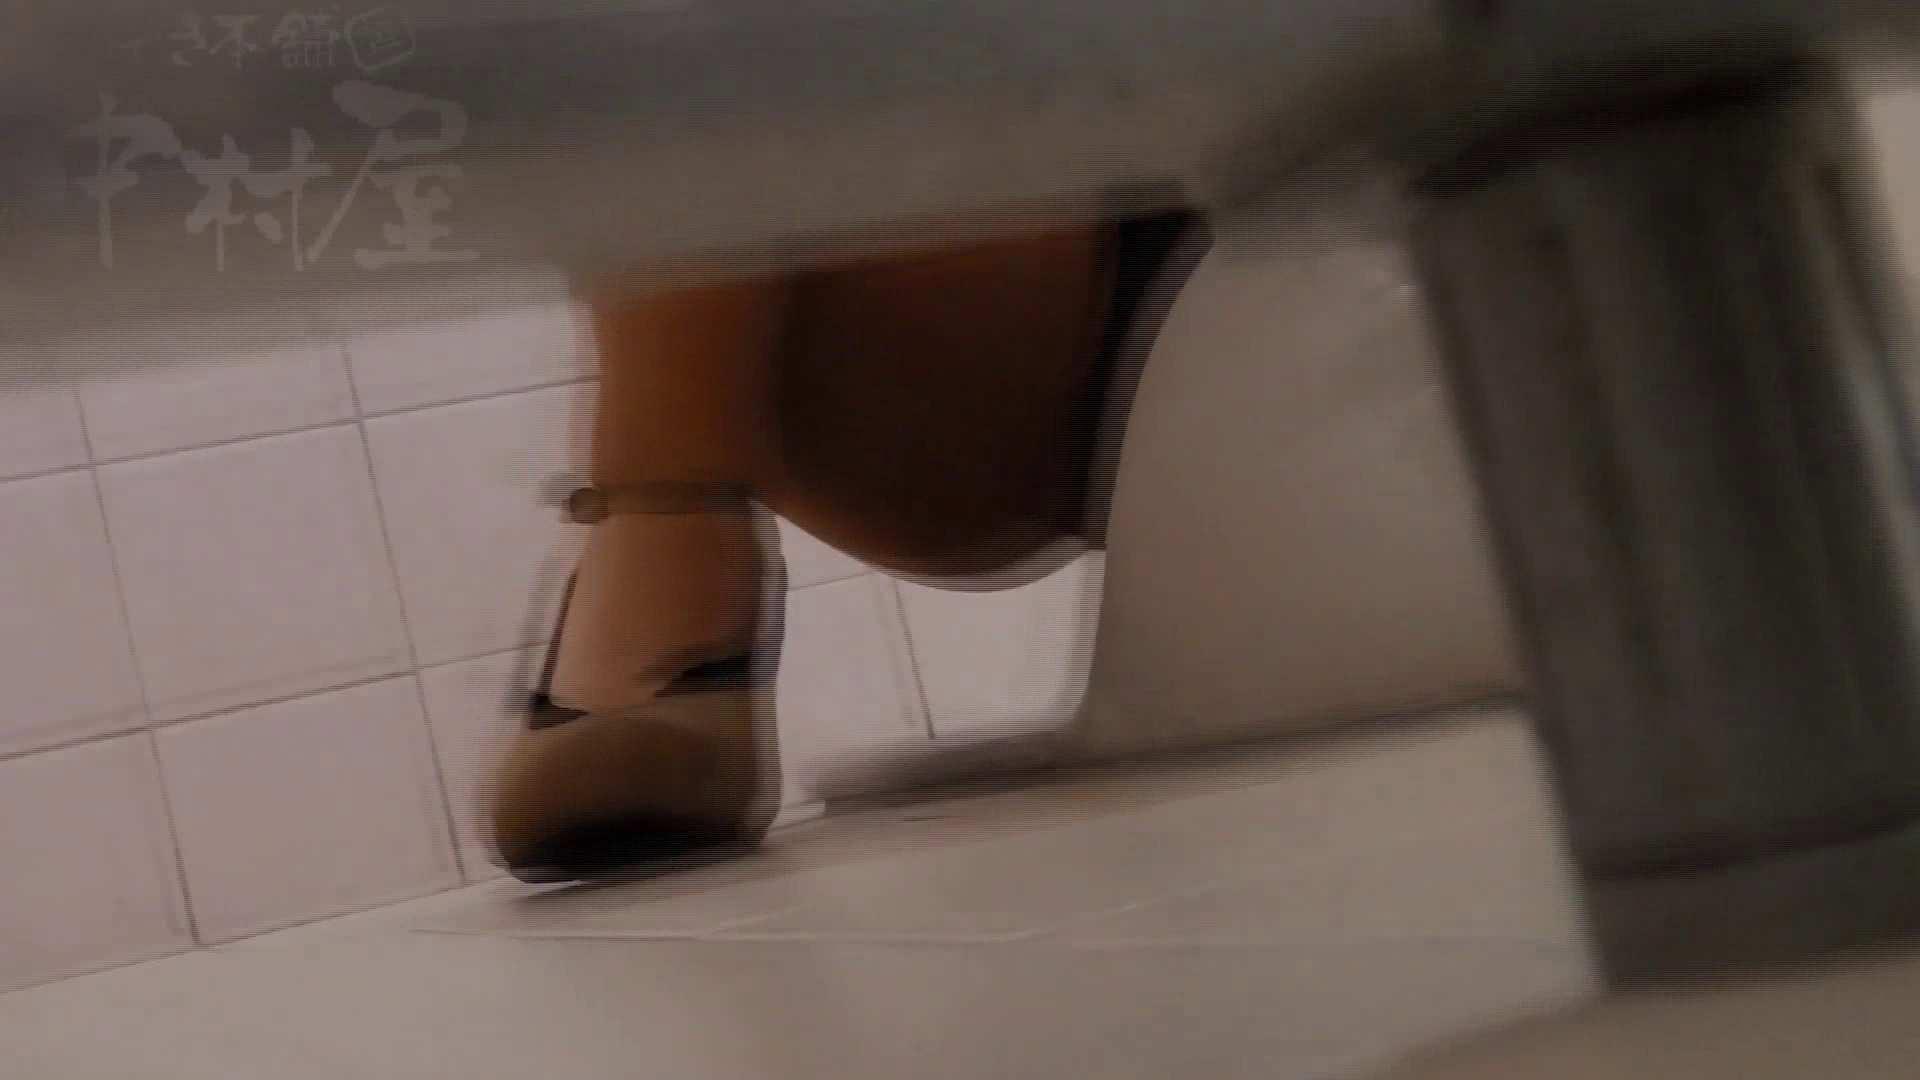 美しい日本の未来 No.29 豹柄サンダルはイ更●気味??? トイレ 盗み撮り動画キャプチャ 111連発 32